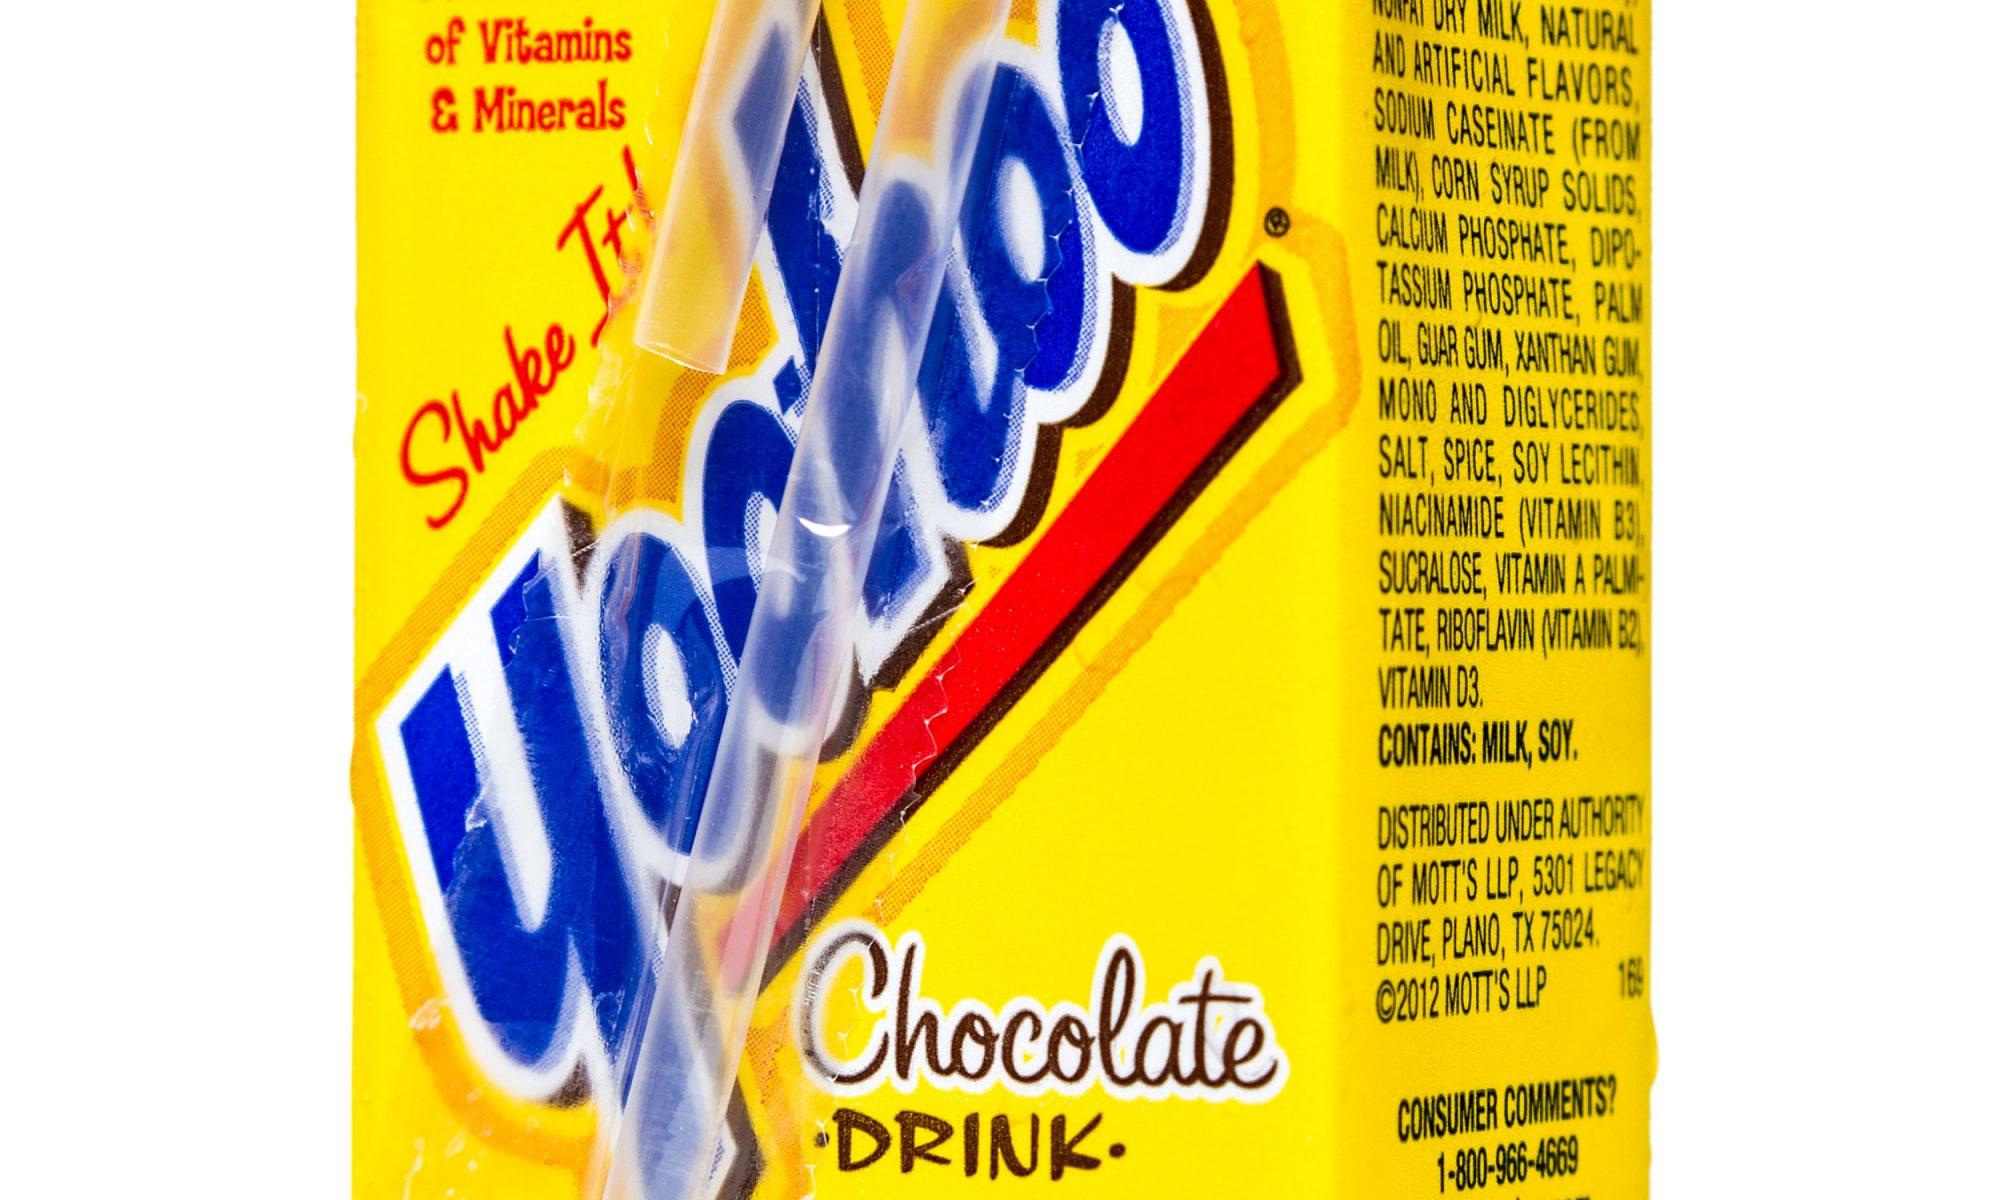 EC: What's Really in Yoo-hoo?